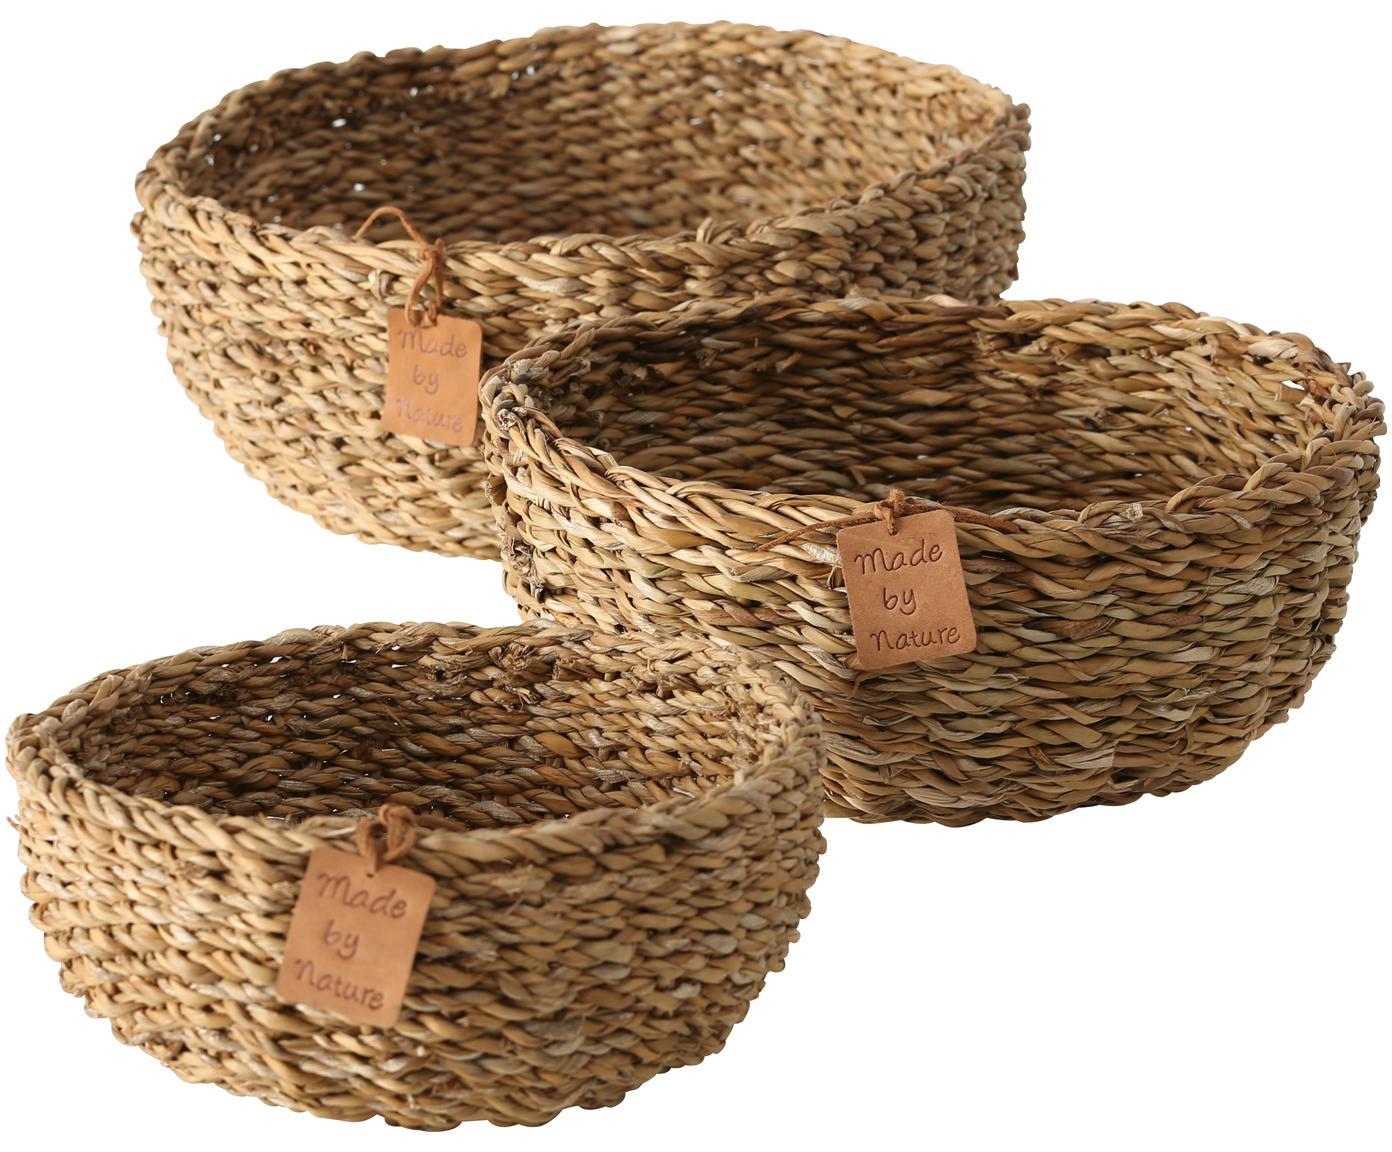 Komplet koszy do przechowywania z trawy morskiej Sophy, 3 elem., Trawa morska, Beżowy, Różne rozmiary